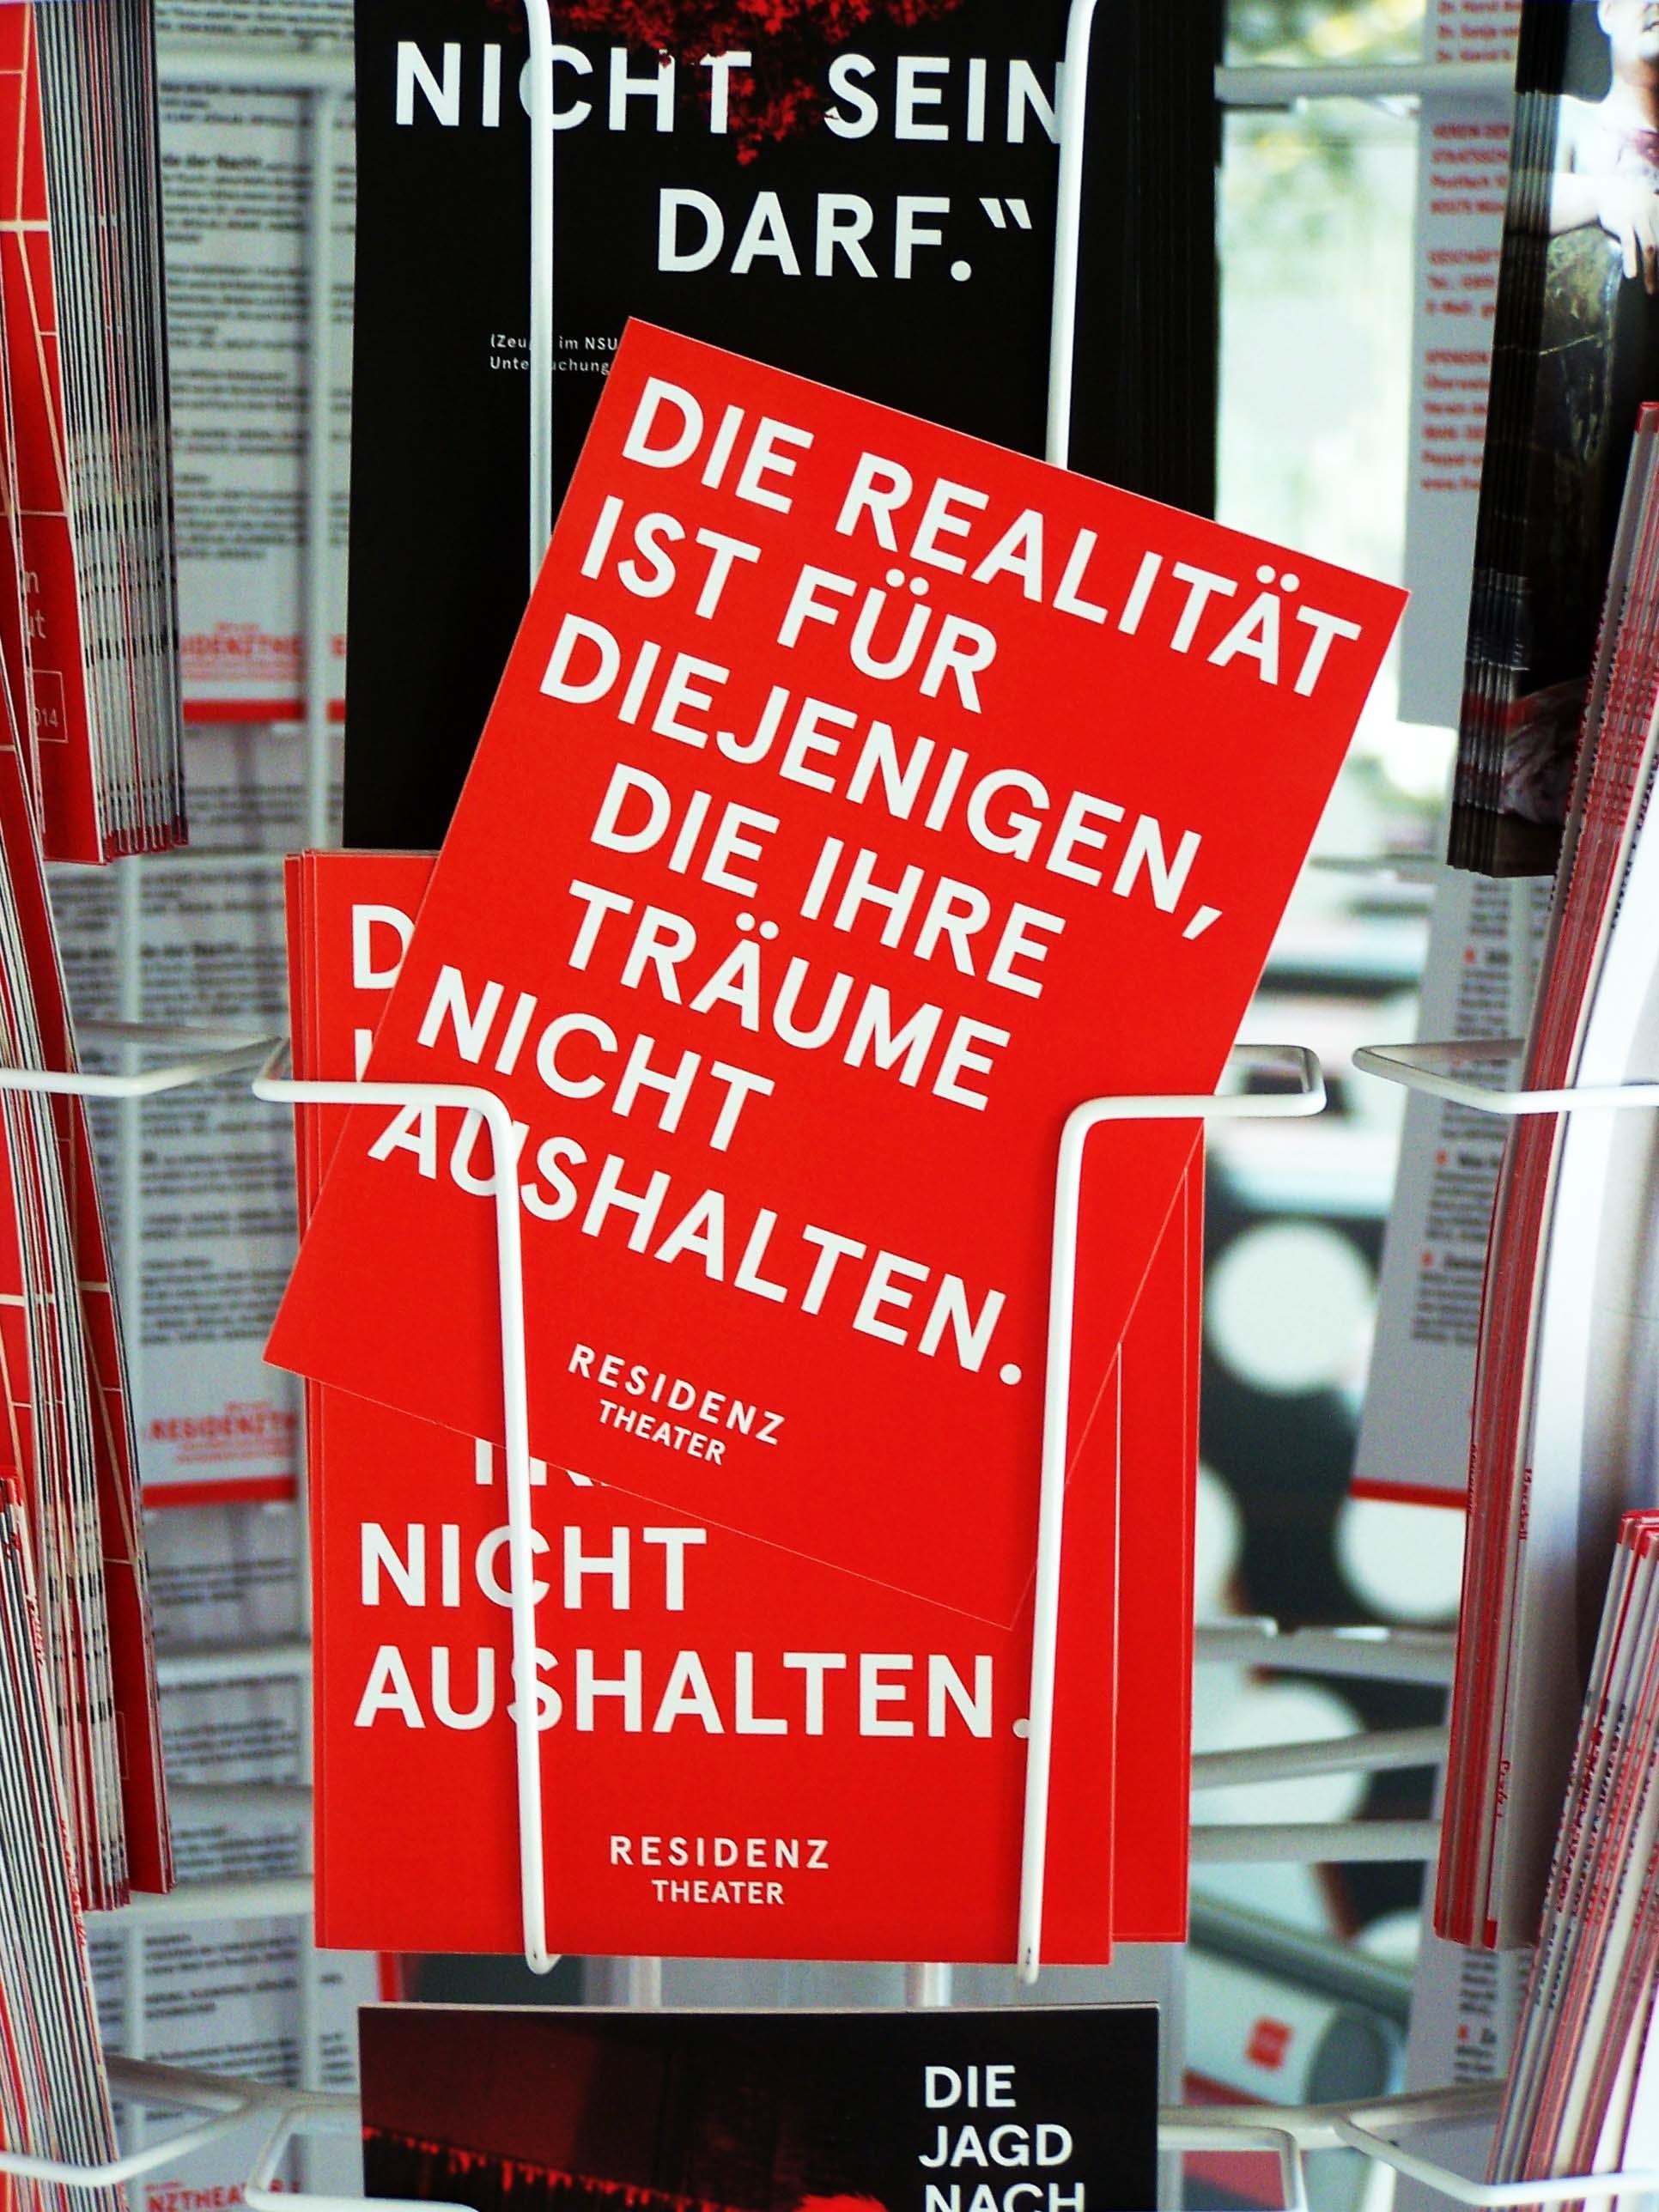 Die Realität ist für diejenigen, die ihre Träume nicht aushalten, Faust am Residenztheater München, Juni 2014